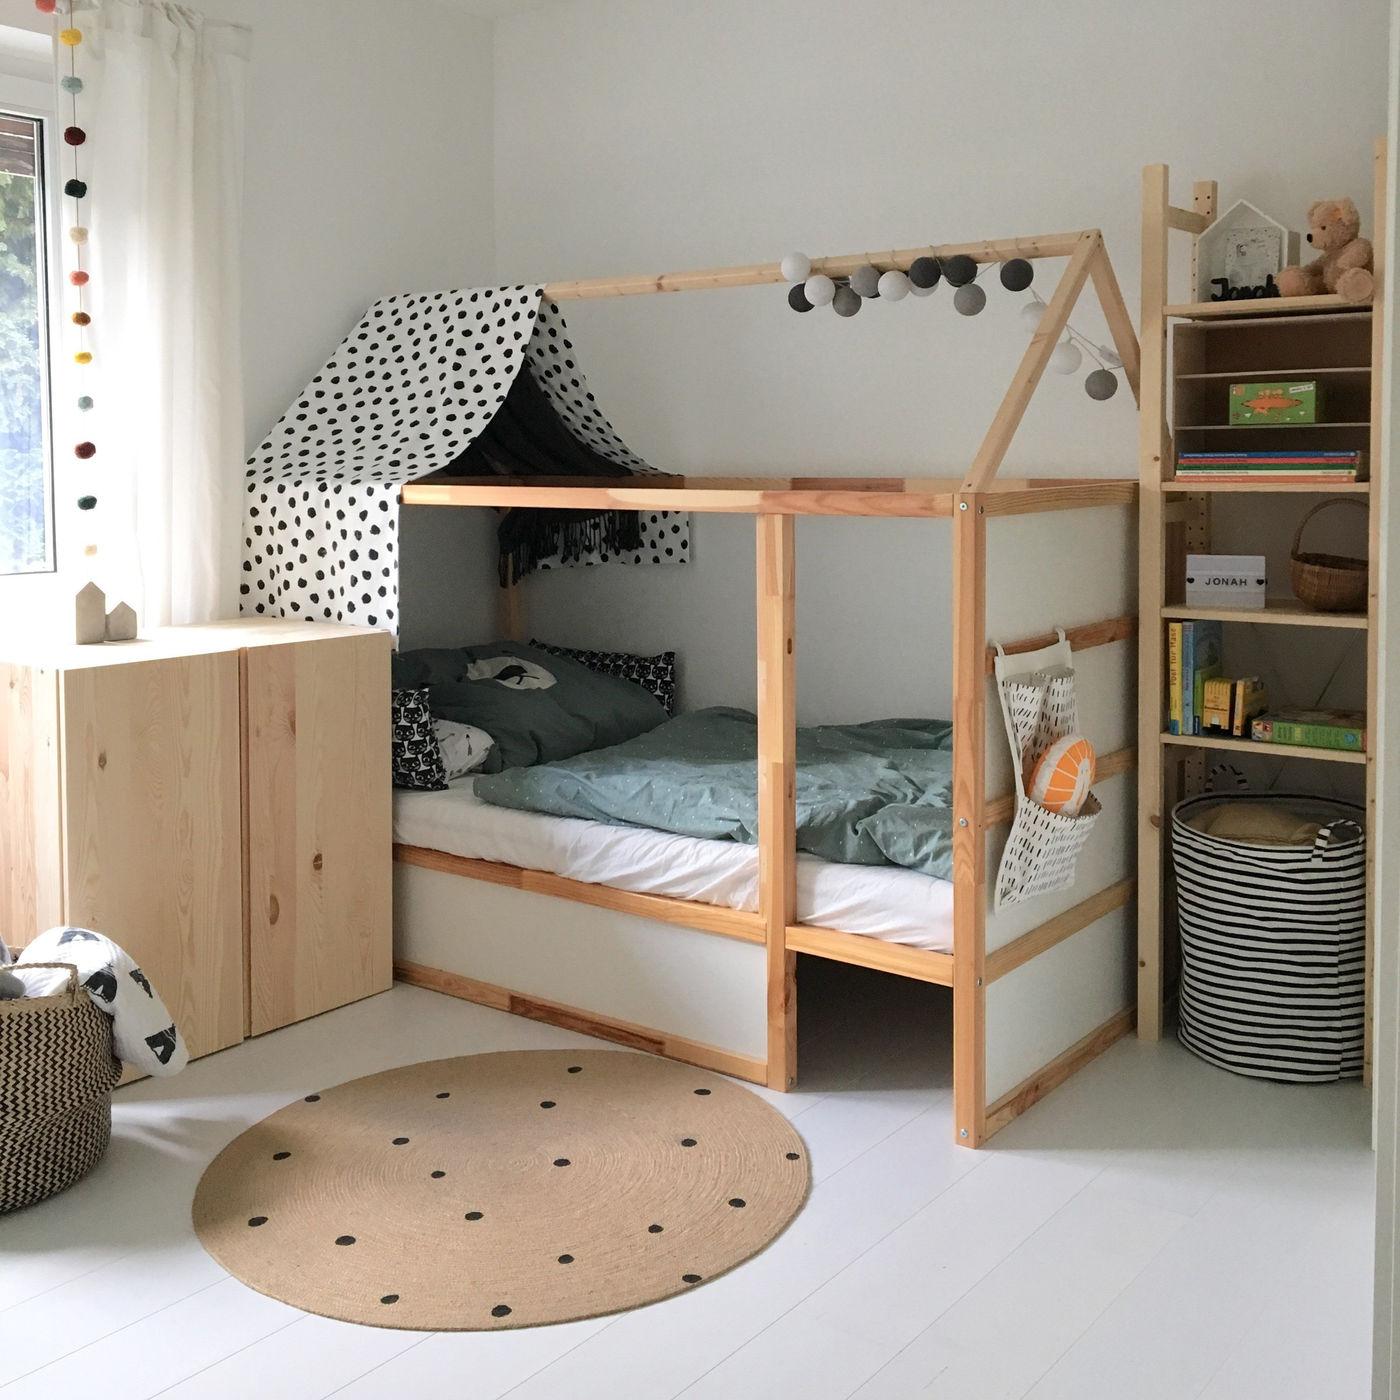 Full Size of Schnsten Ideen Fr Dein Kinderzimmer Regal Weiß Sofa Regale Kinderzimmer Kinderzimmer Einrichtung